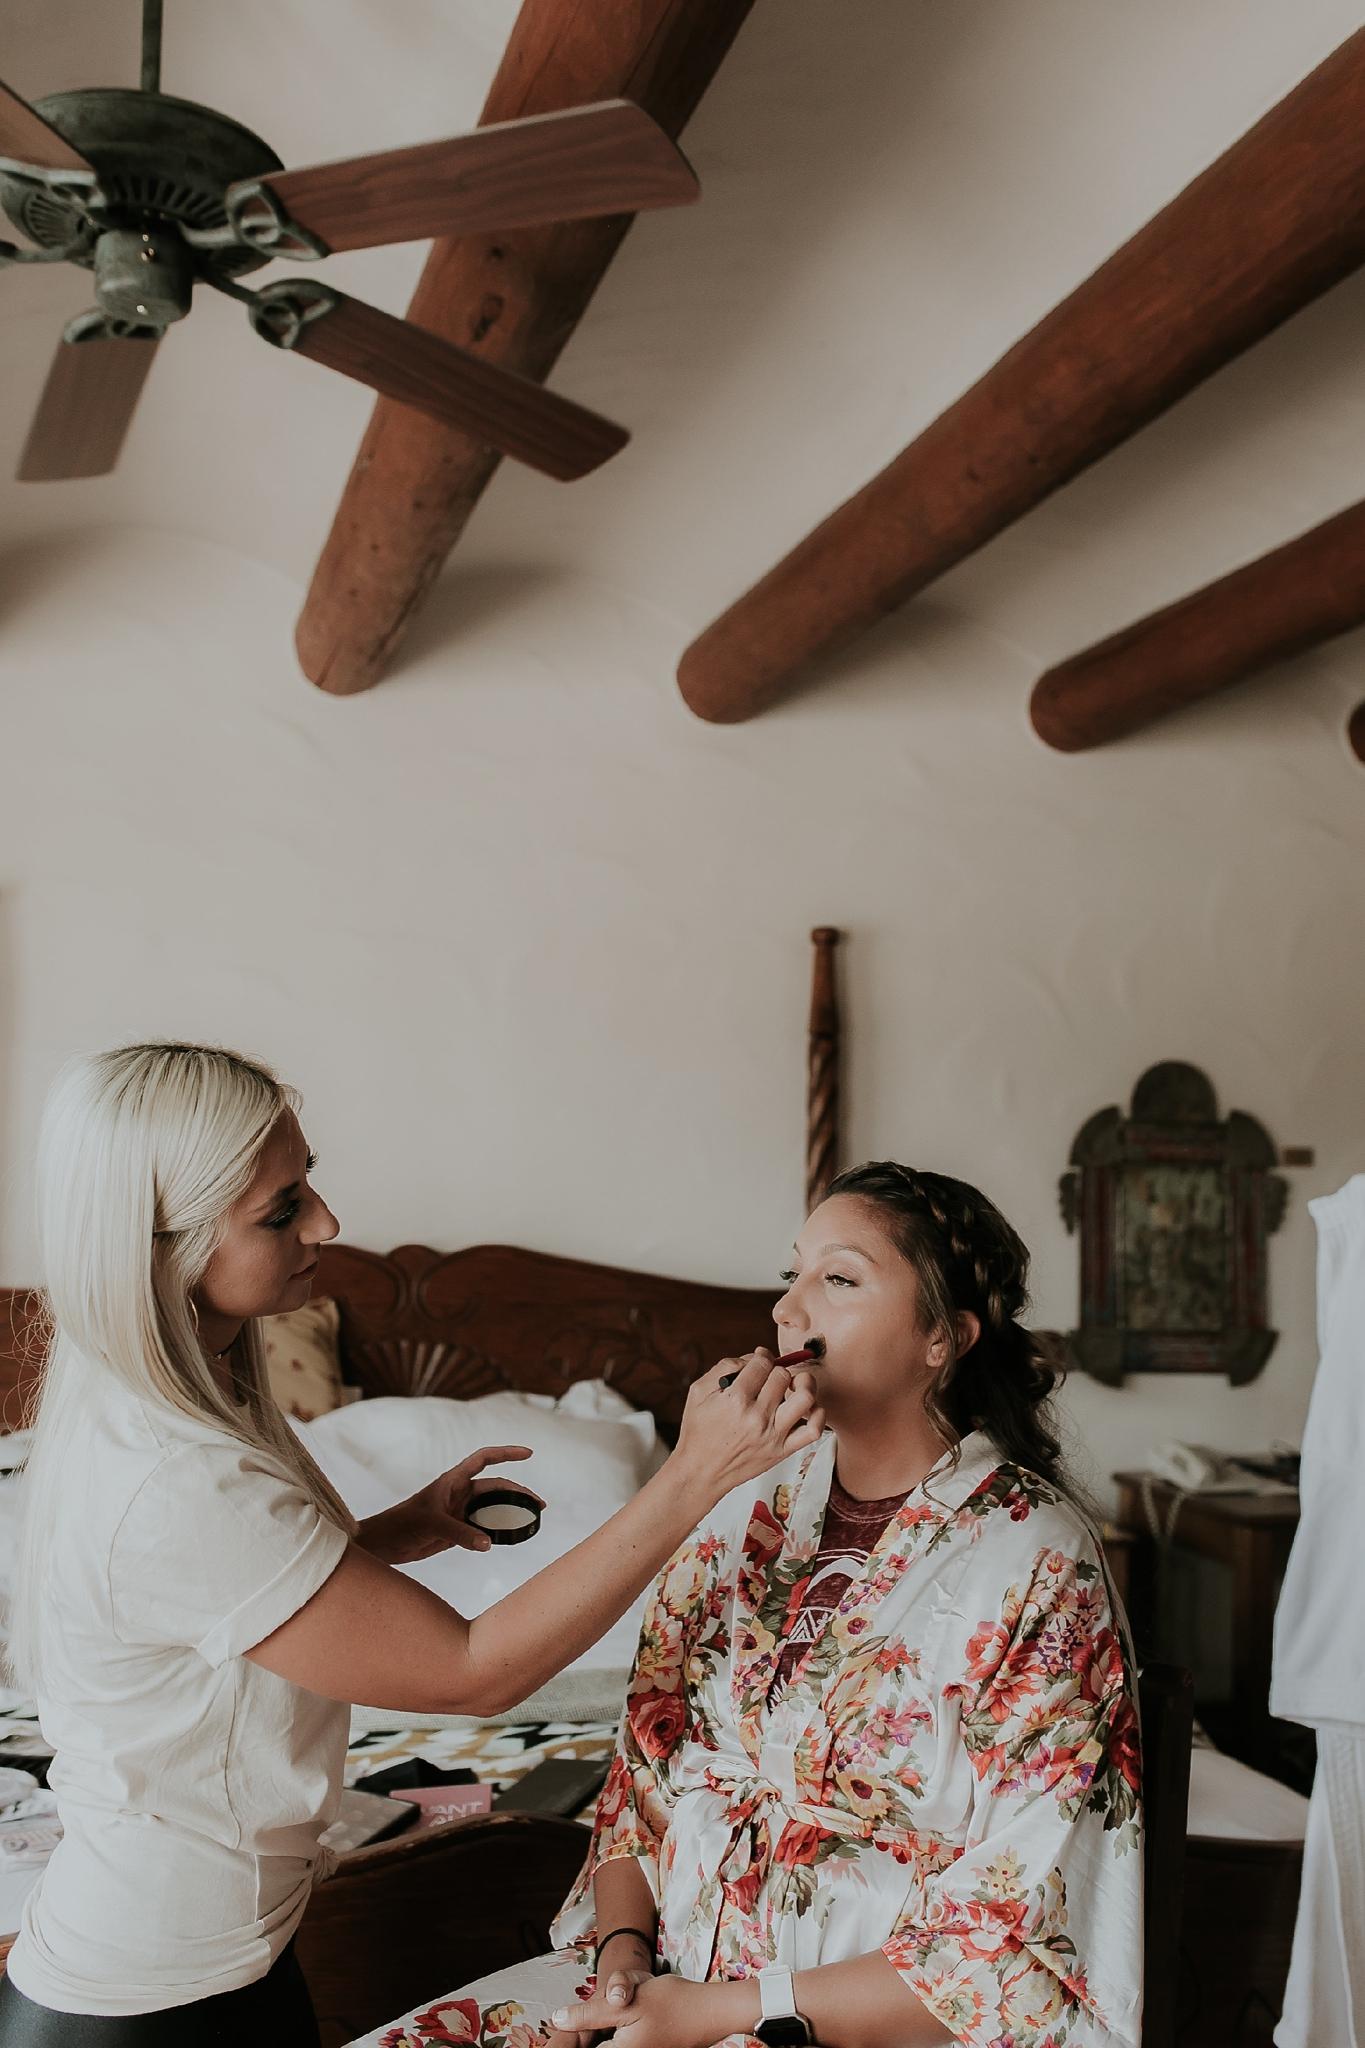 Alicia+lucia+photography+-+albuquerque+wedding+photographer+-+santa+fe+wedding+photography+-+new+mexico+wedding+photographer+-+new+mexico+wedding+-+wedding+makeup+-+makeup+artist+-+wedding+makeup+artist+-+bridal+makeup_0054.jpg